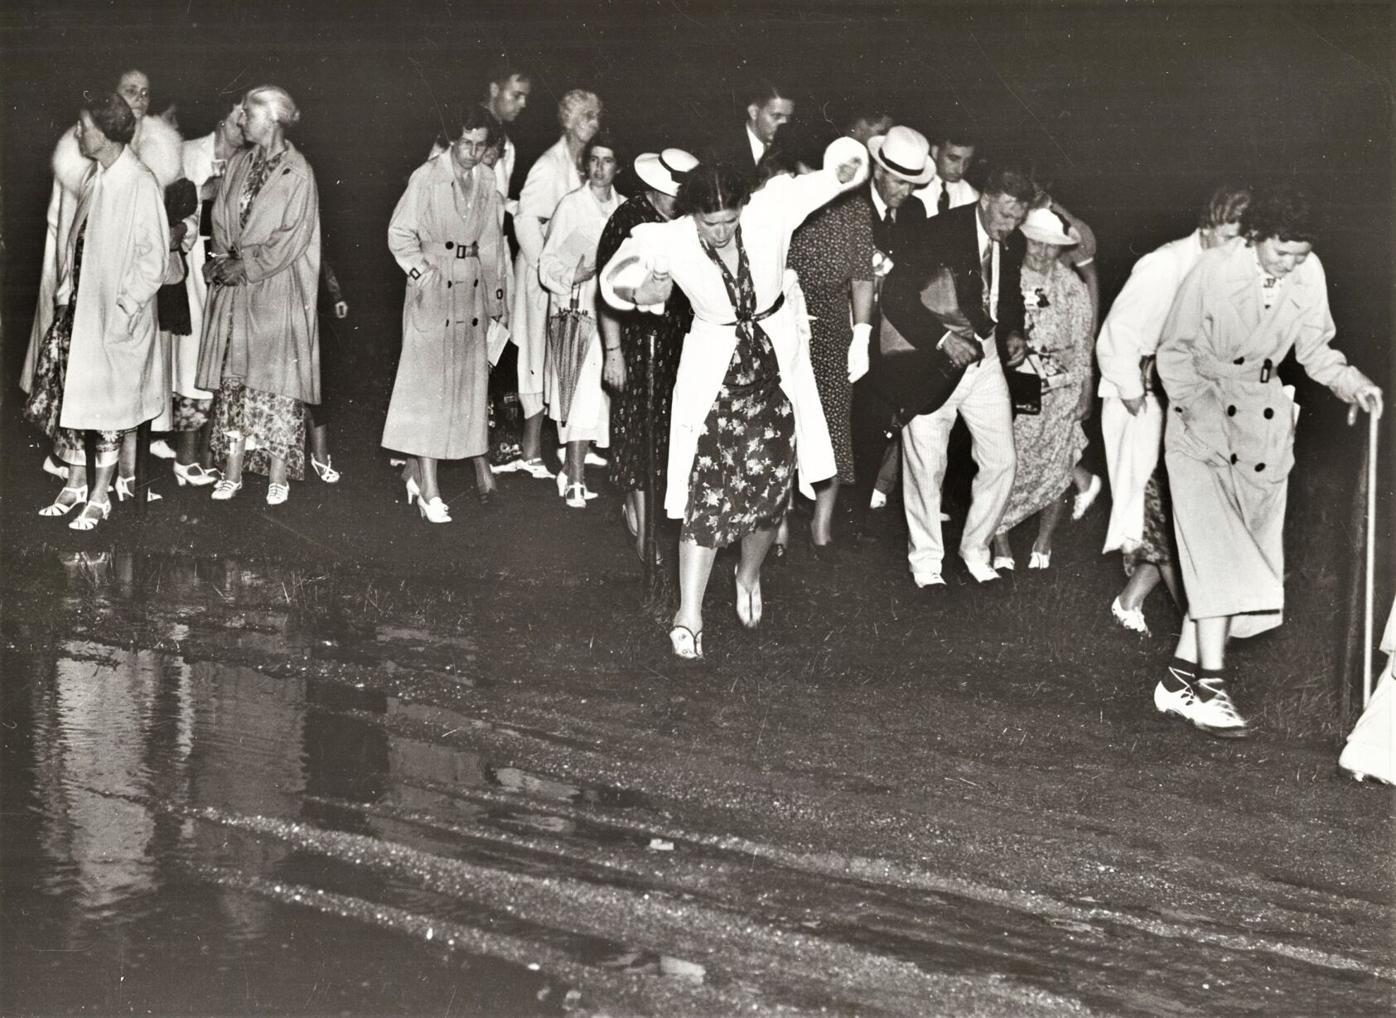 Tanglewood, Aug. 12, 1937